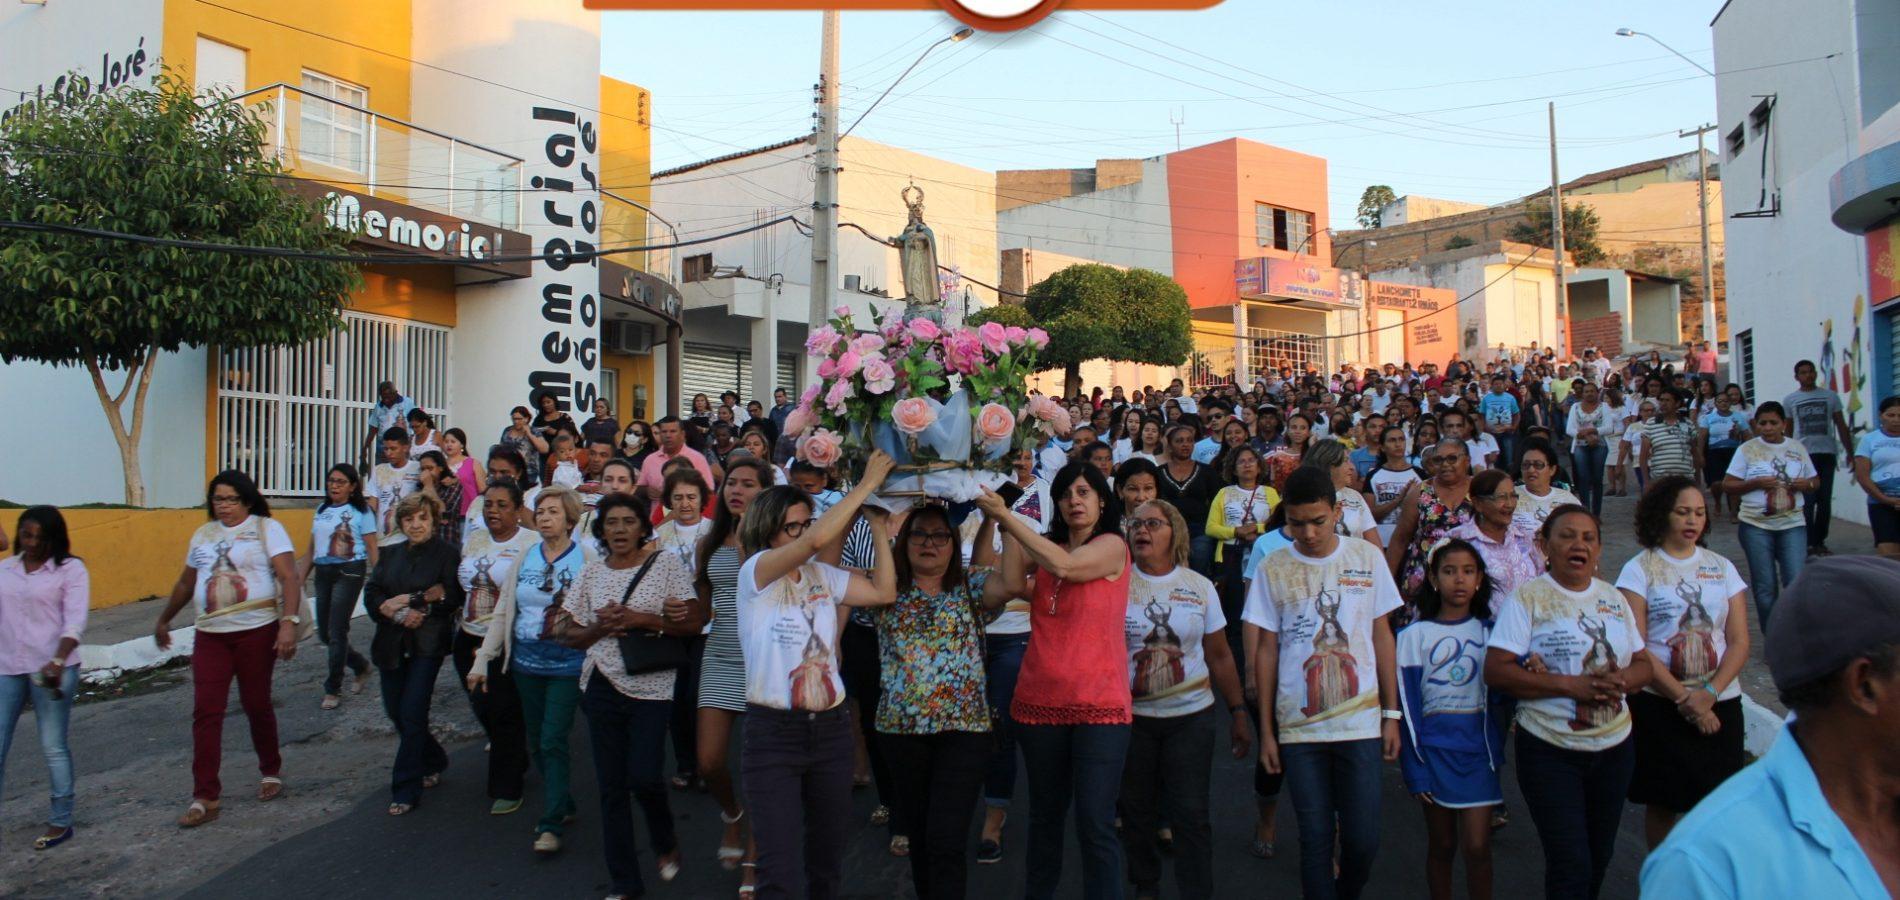 Caminhada com Maria abre 294° festa de Nossa Senhora das Mercês em Jaicós